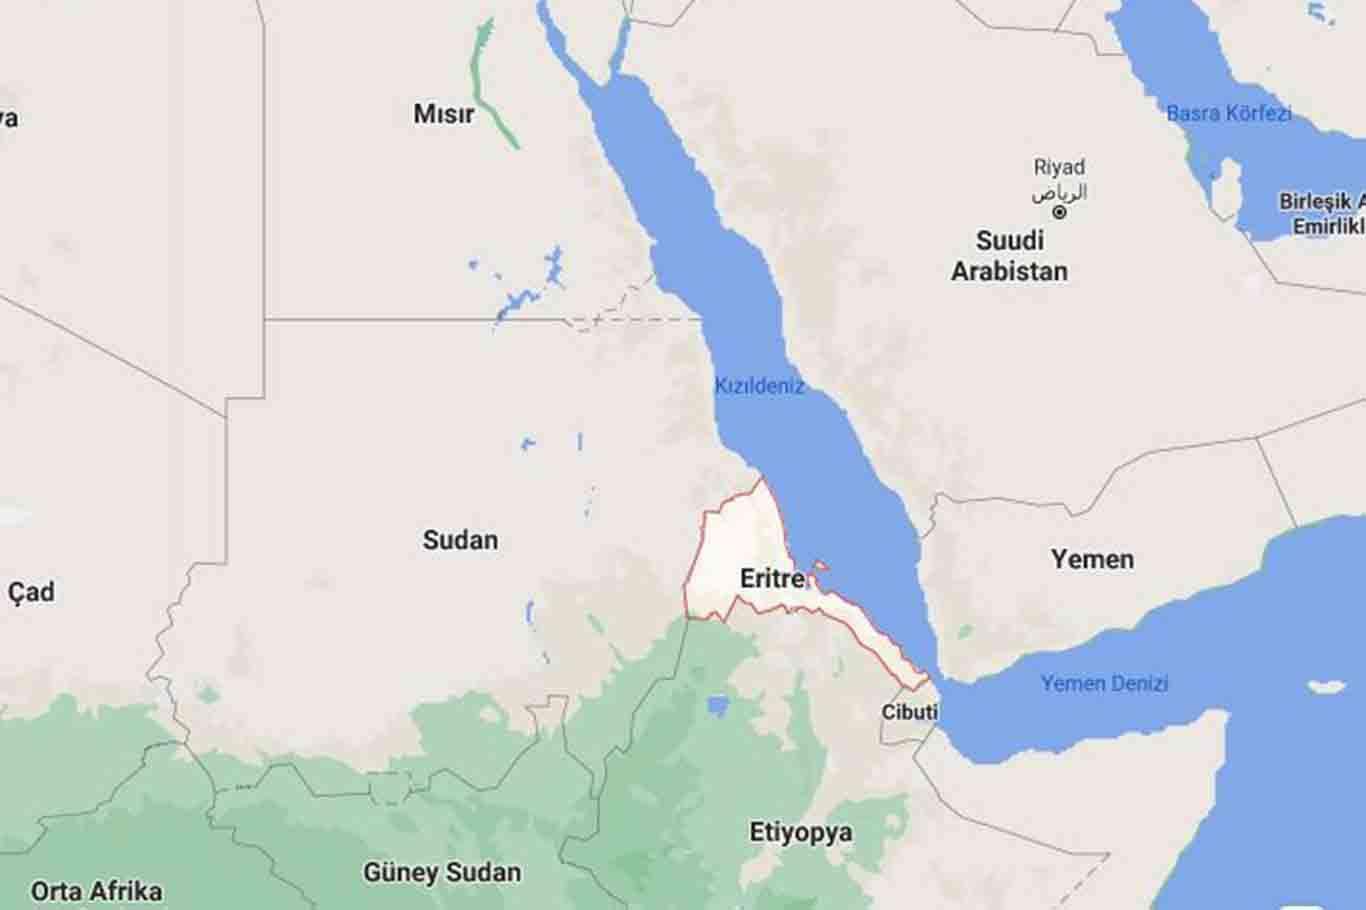 Eritre Nedir? Eritre Hangi Ülkededir? Eritre Müslüman Mıdır?